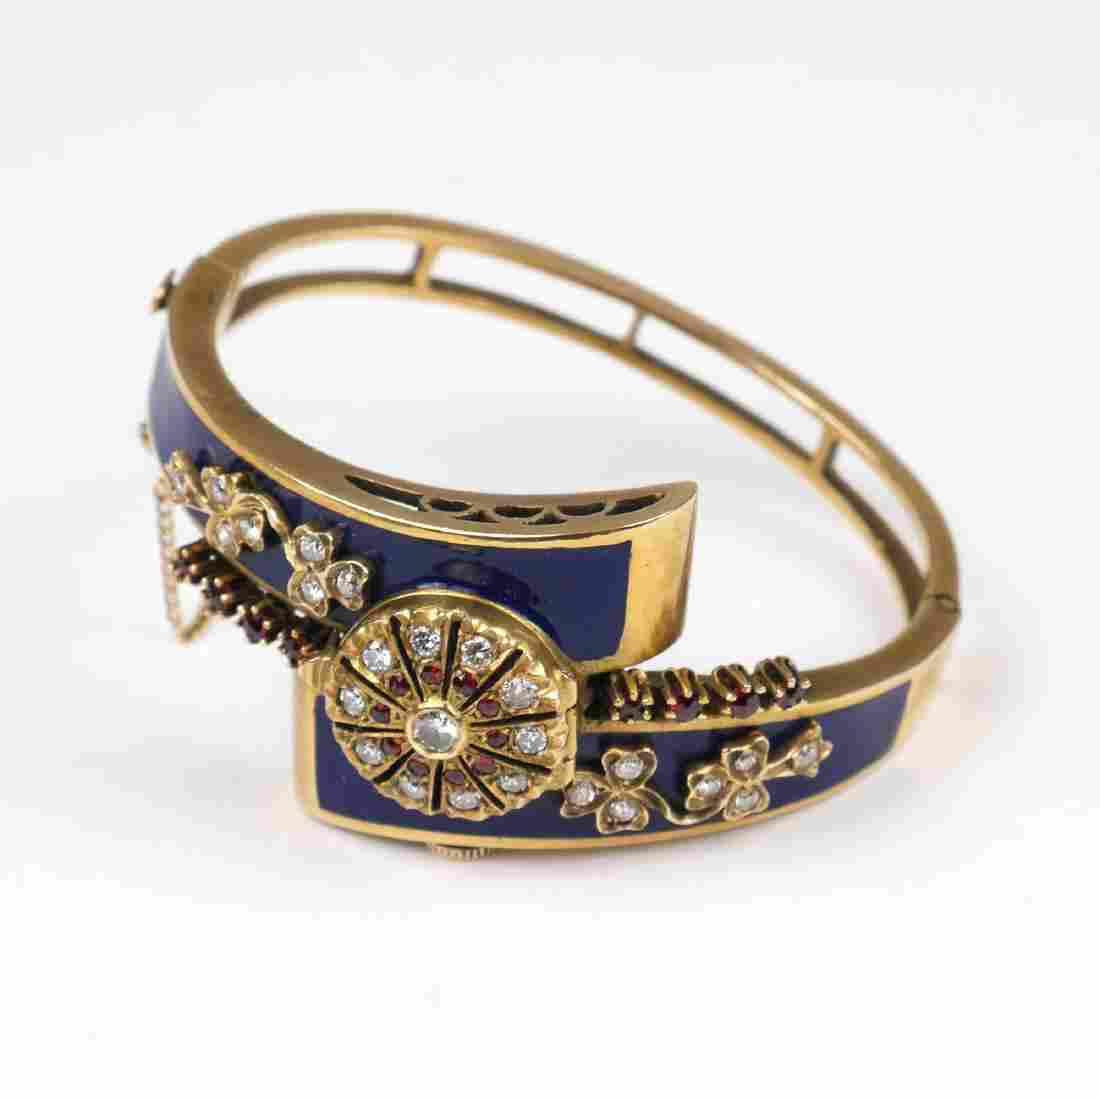 PERY DIAMOND & BLUE ENAMEL BRACELET WATCH